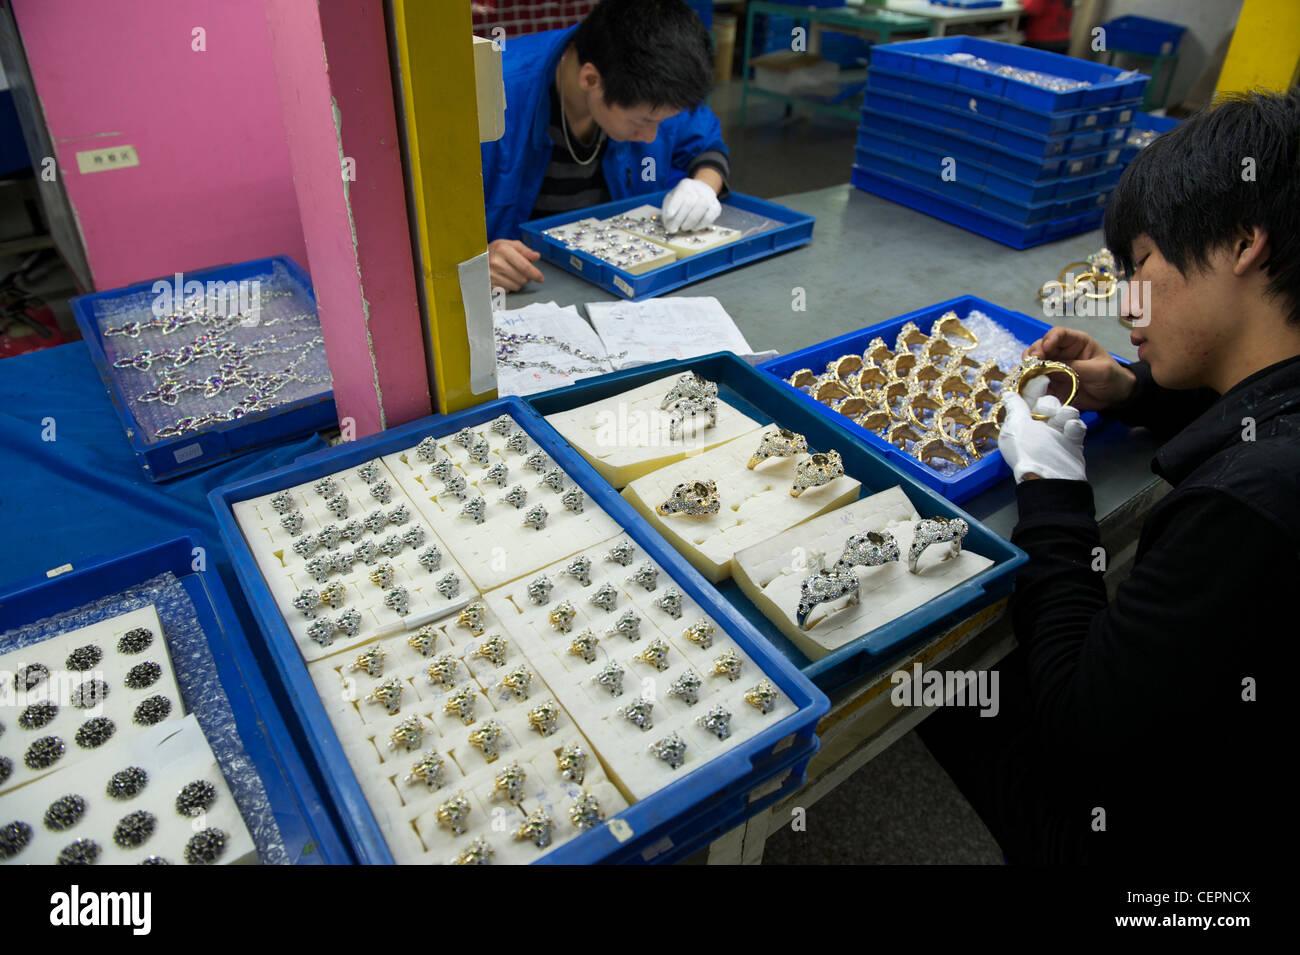 Los empleados realizar bisutería en Zhejiang Neoglory Jewelry Co., Ltd. en Yiwu, Zhejiang, China. 07-Nov-2011 Imagen De Stock